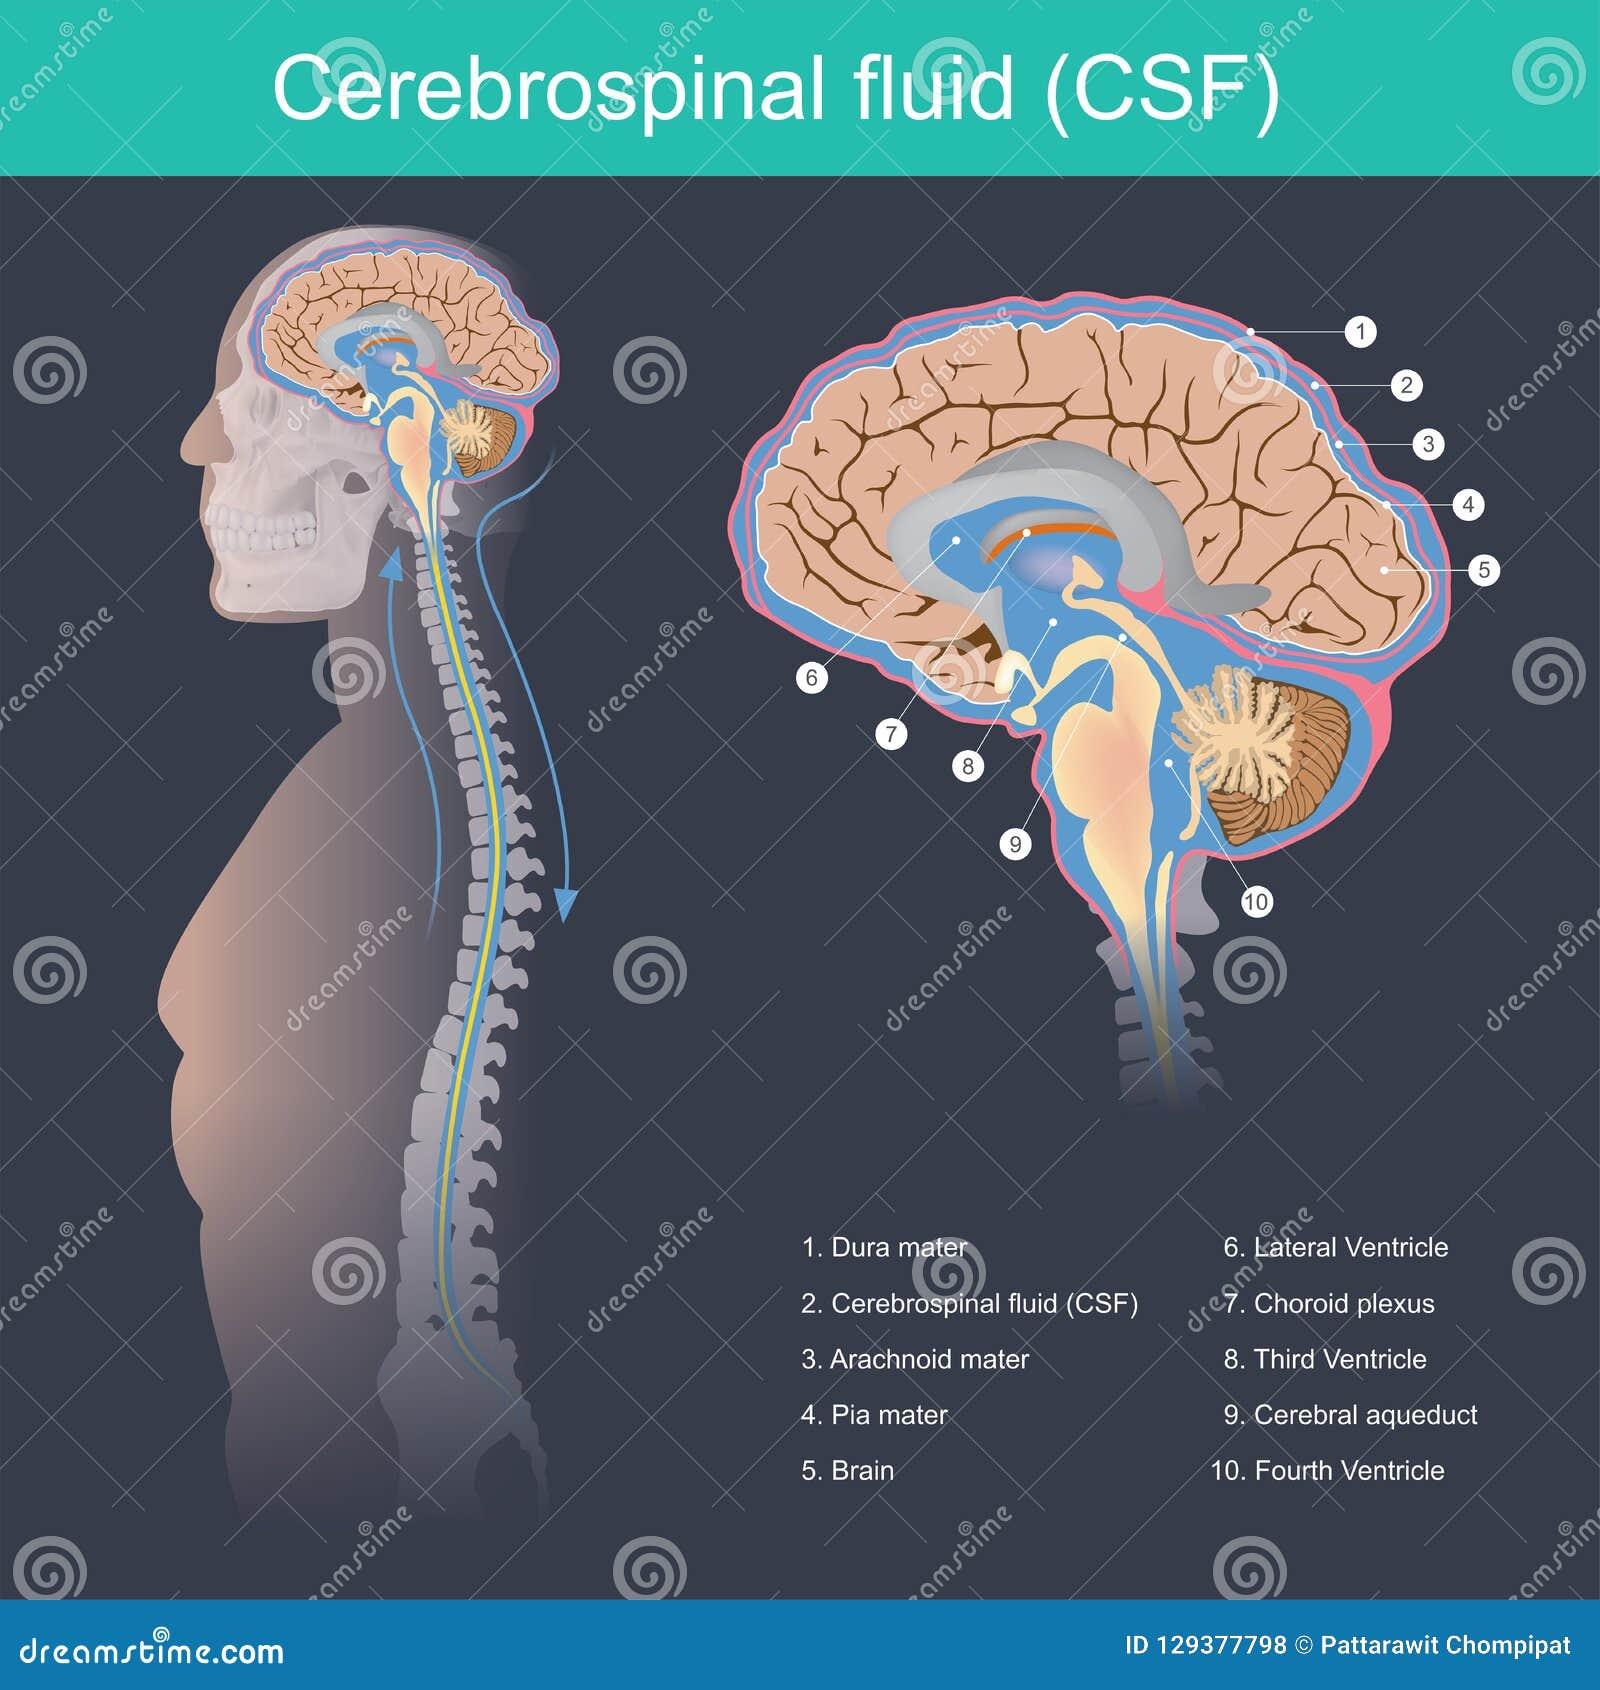 Το εγκεφαλονωτιαί ρευστό ΚΠΣ αυτό προστατεύει τον εγκέφαλο και ο νωτιαίος μυελός από τον αντίκτυπο, αποβάλλει τα απόβλητα από τον